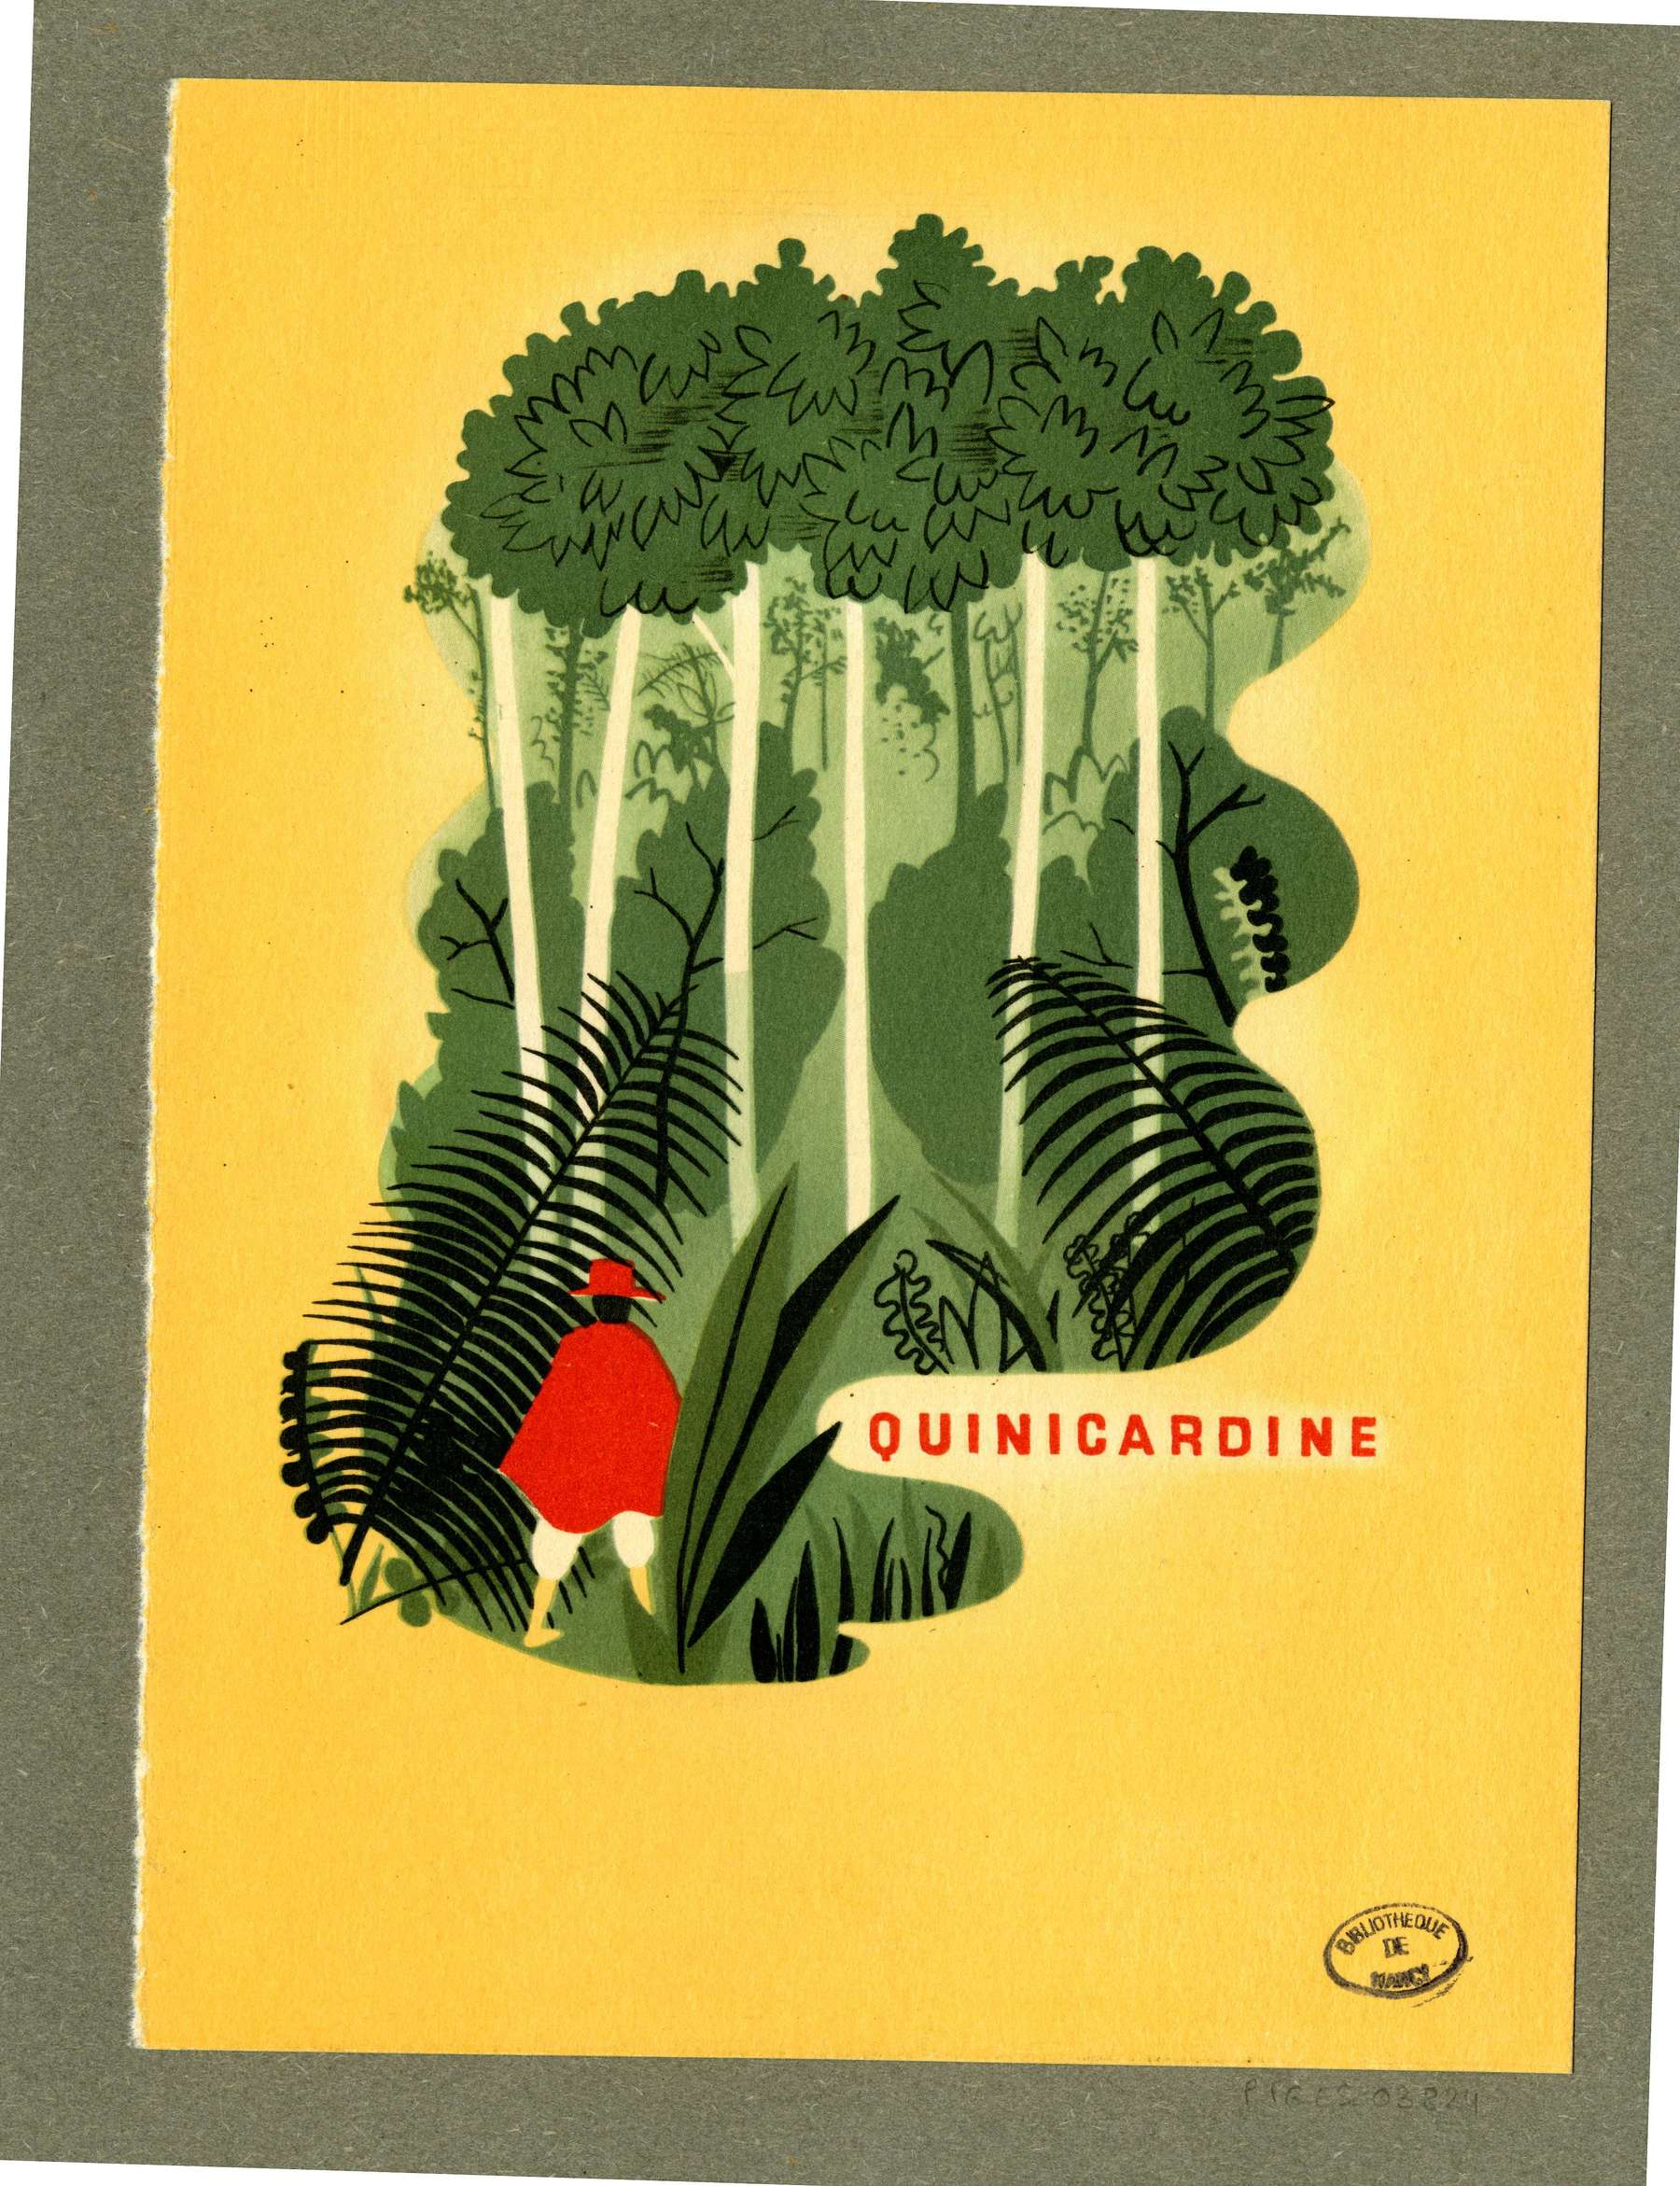 Contenu du Publicité - Dans la Jungle